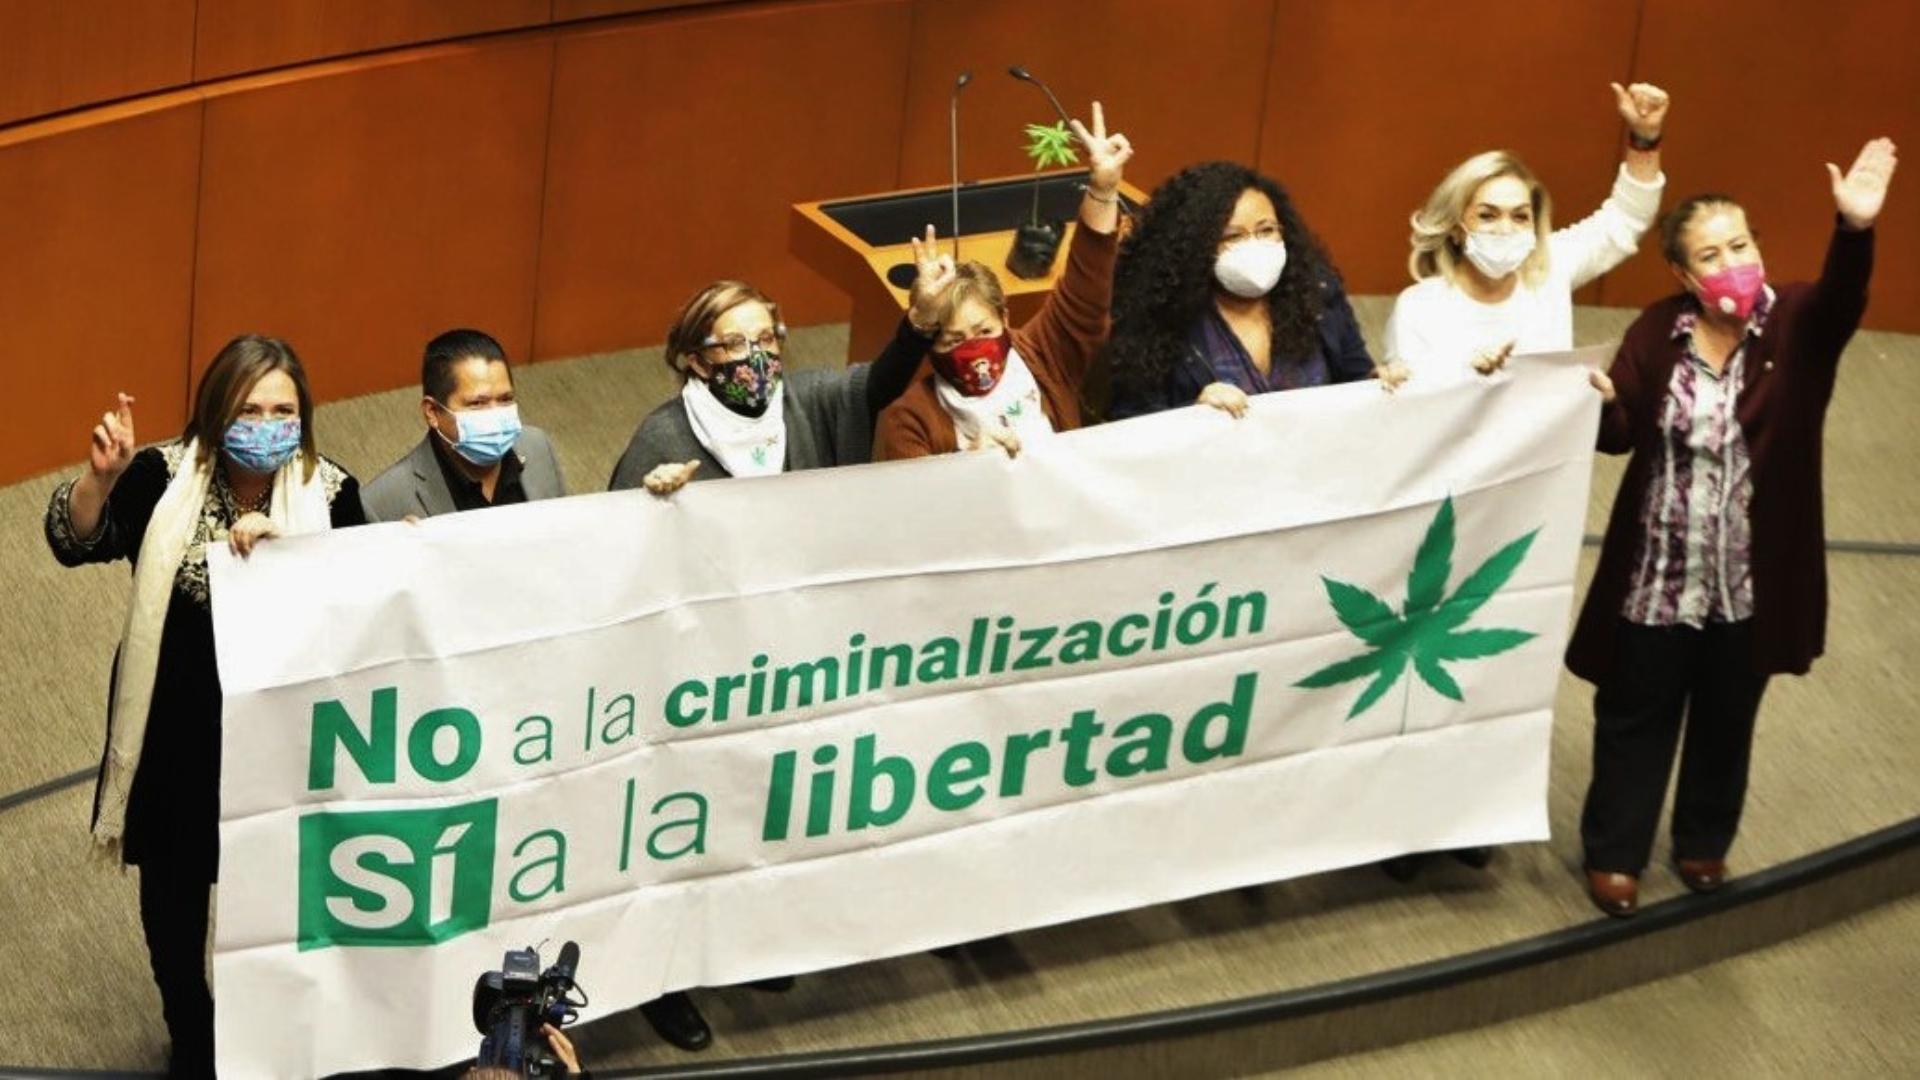 México se convertirá en el mercado legal de cannabis más grande del  mundo... pero eso no le ayudará a combatir al crimen organizado: la dura  advertencia del WSJ - Infobae